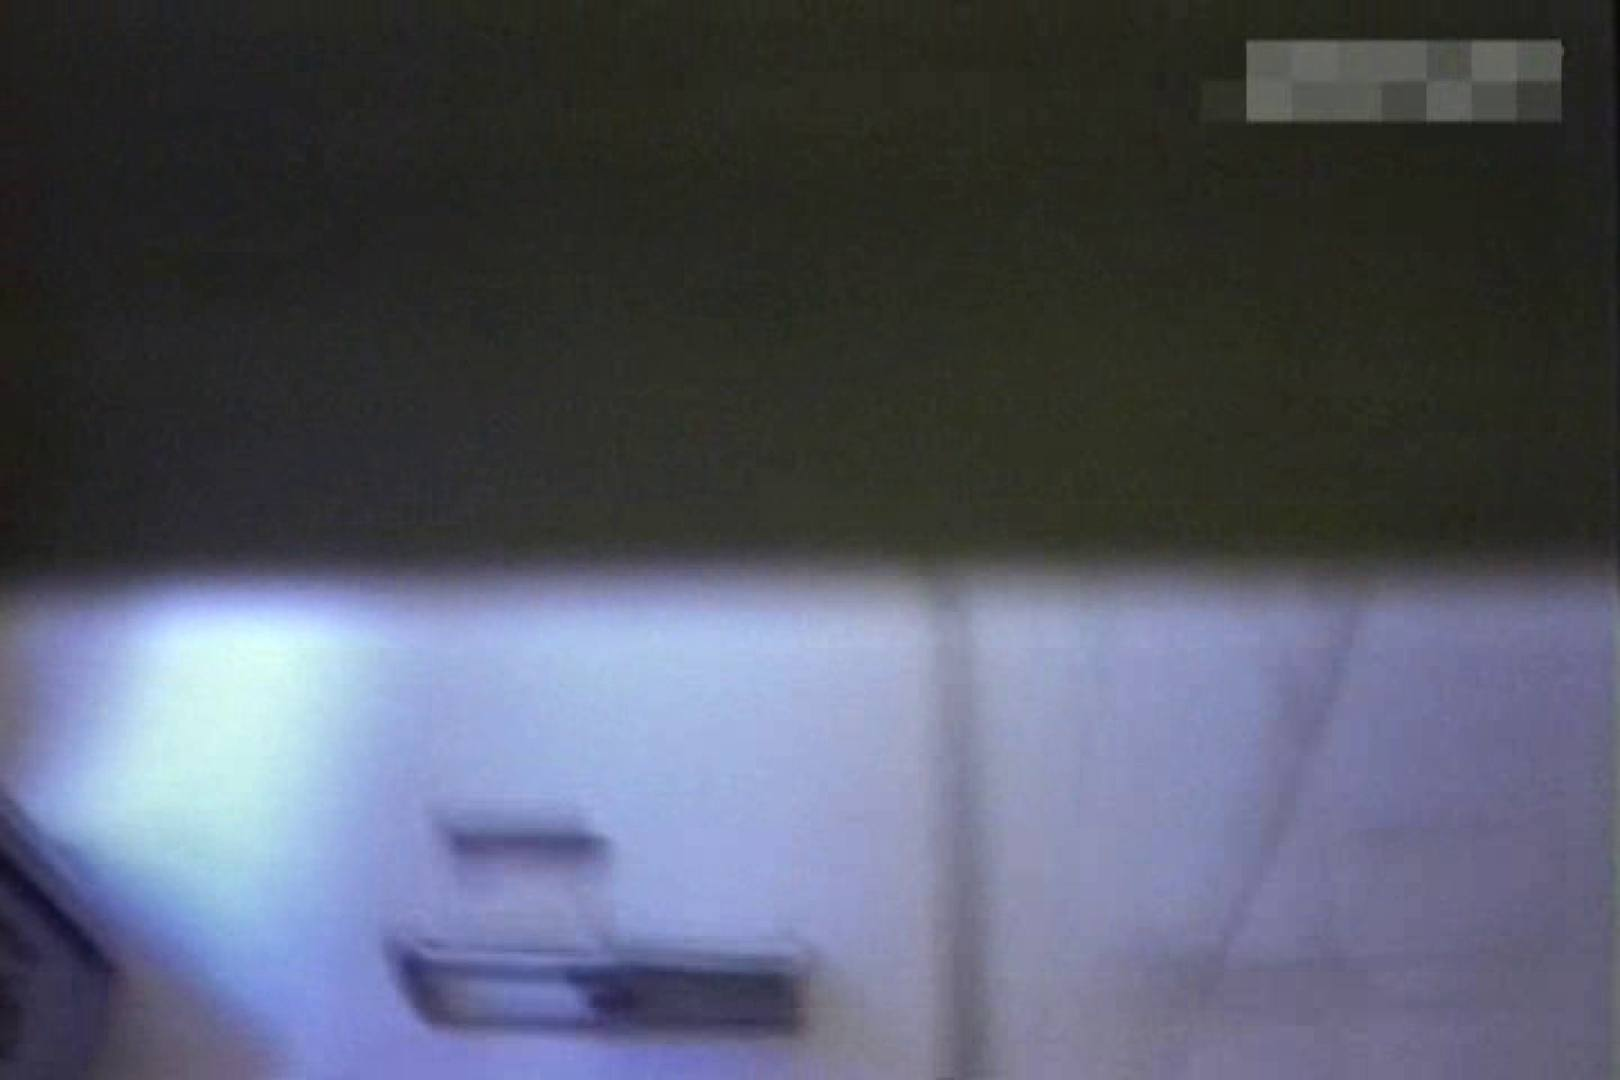 個室狂いのマニア映像Vol.2 おまんこ無修正 戯れ無修正画像 98画像 71